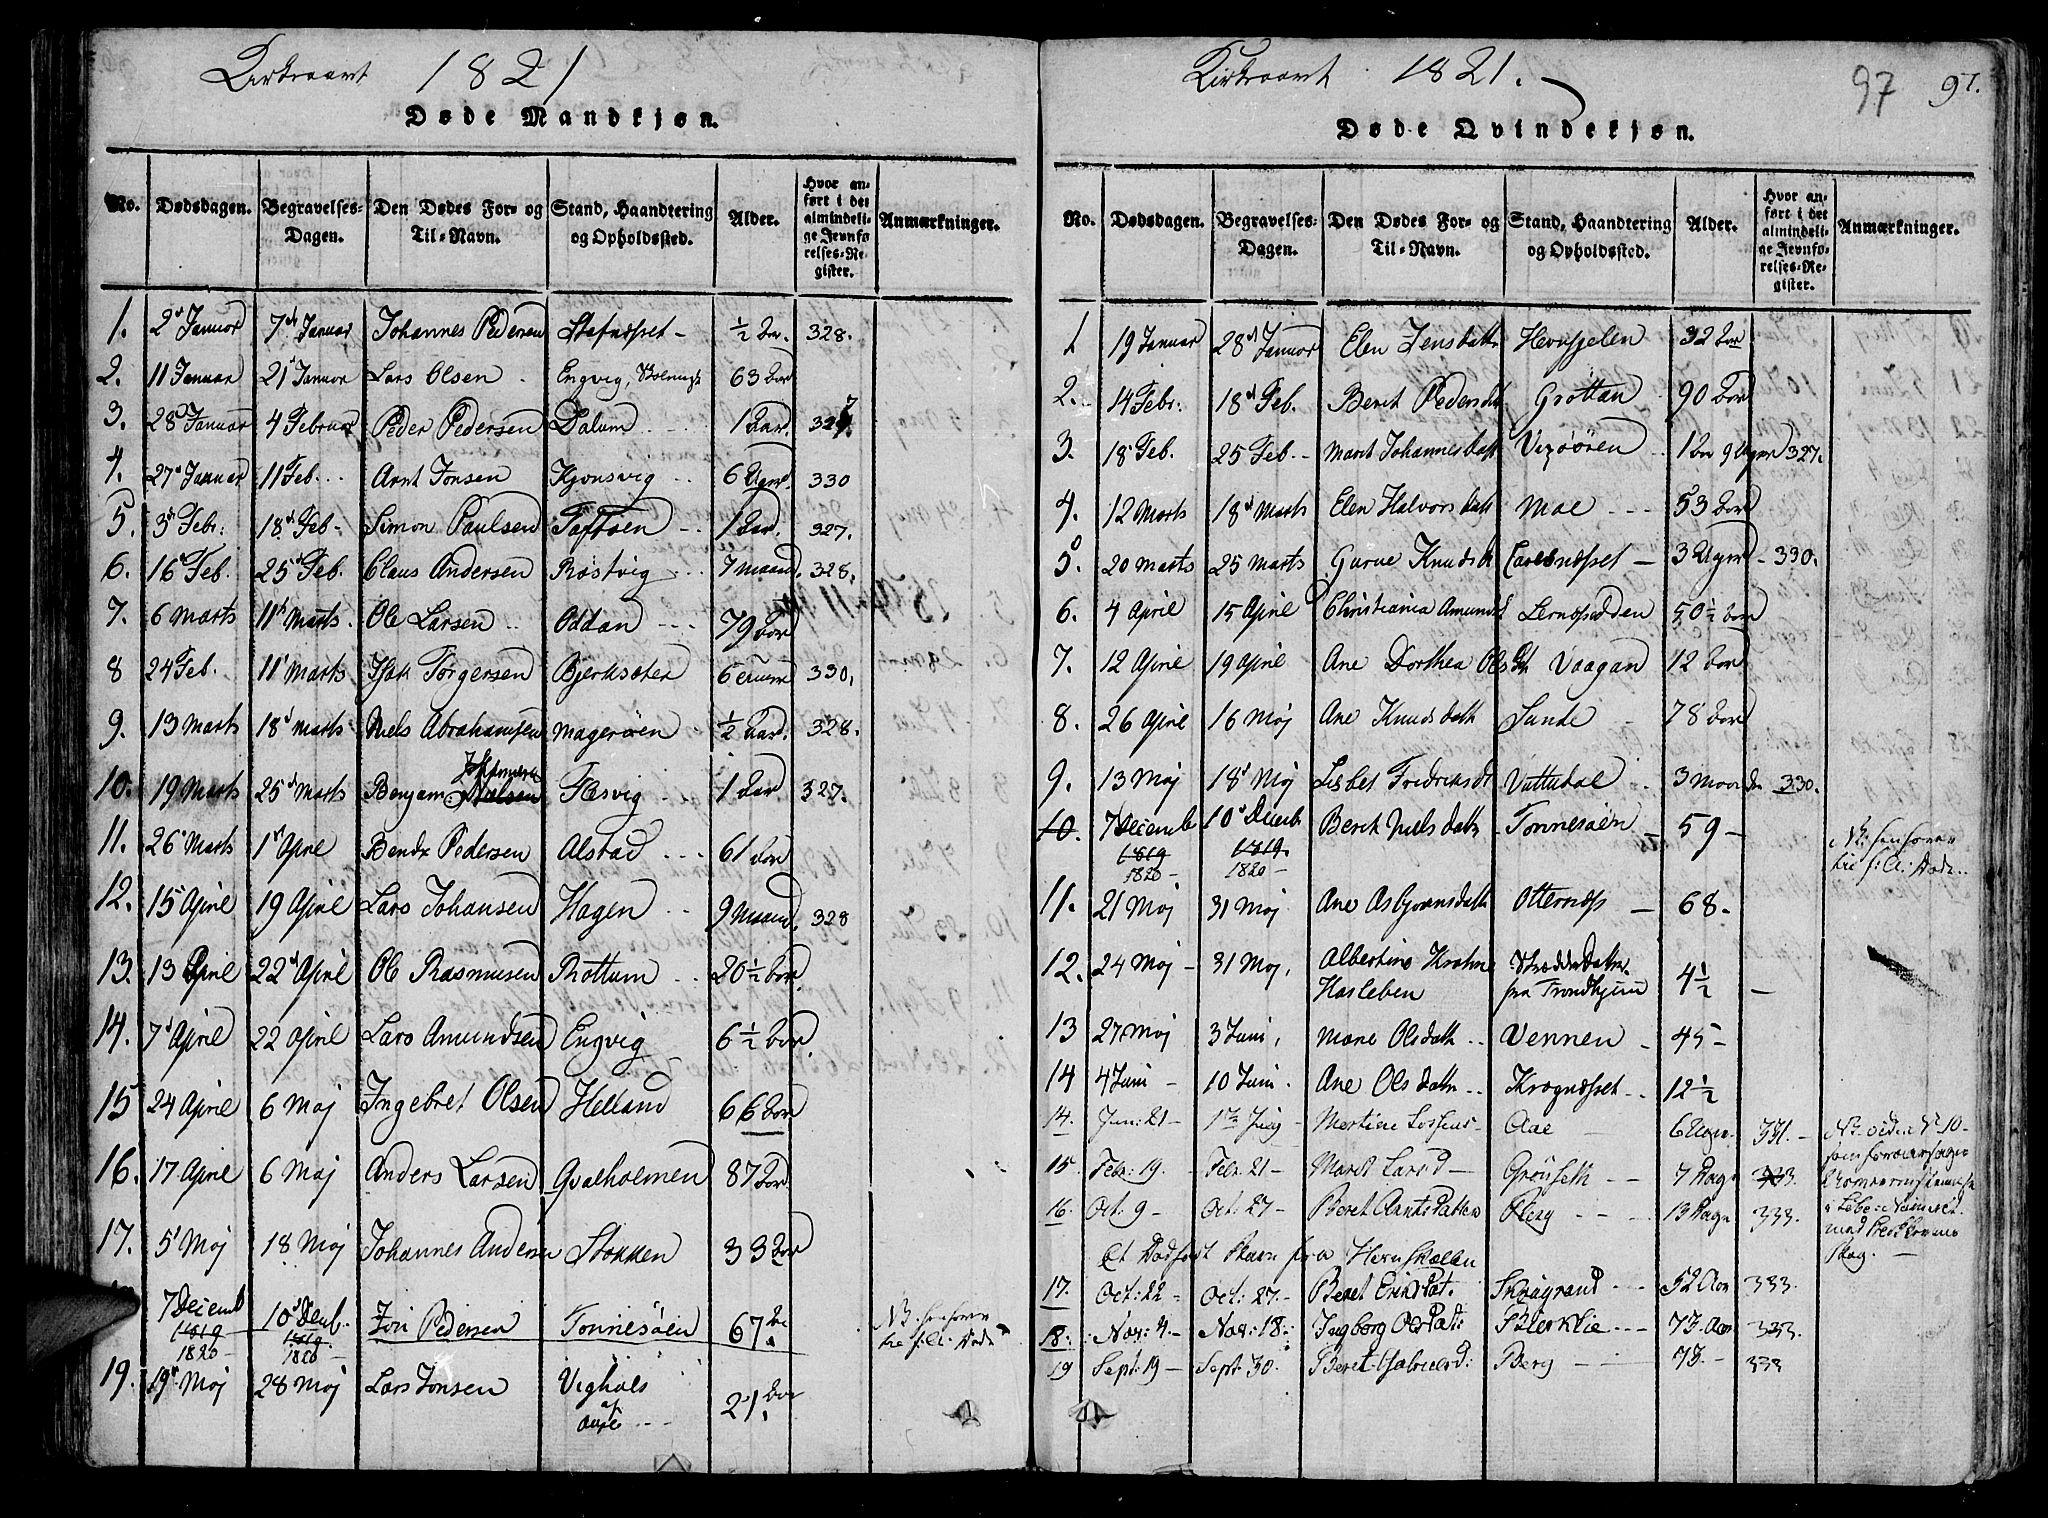 SAT, Ministerialprotokoller, klokkerbøker og fødselsregistre - Sør-Trøndelag, 630/L0491: Ministerialbok nr. 630A04, 1818-1830, s. 97